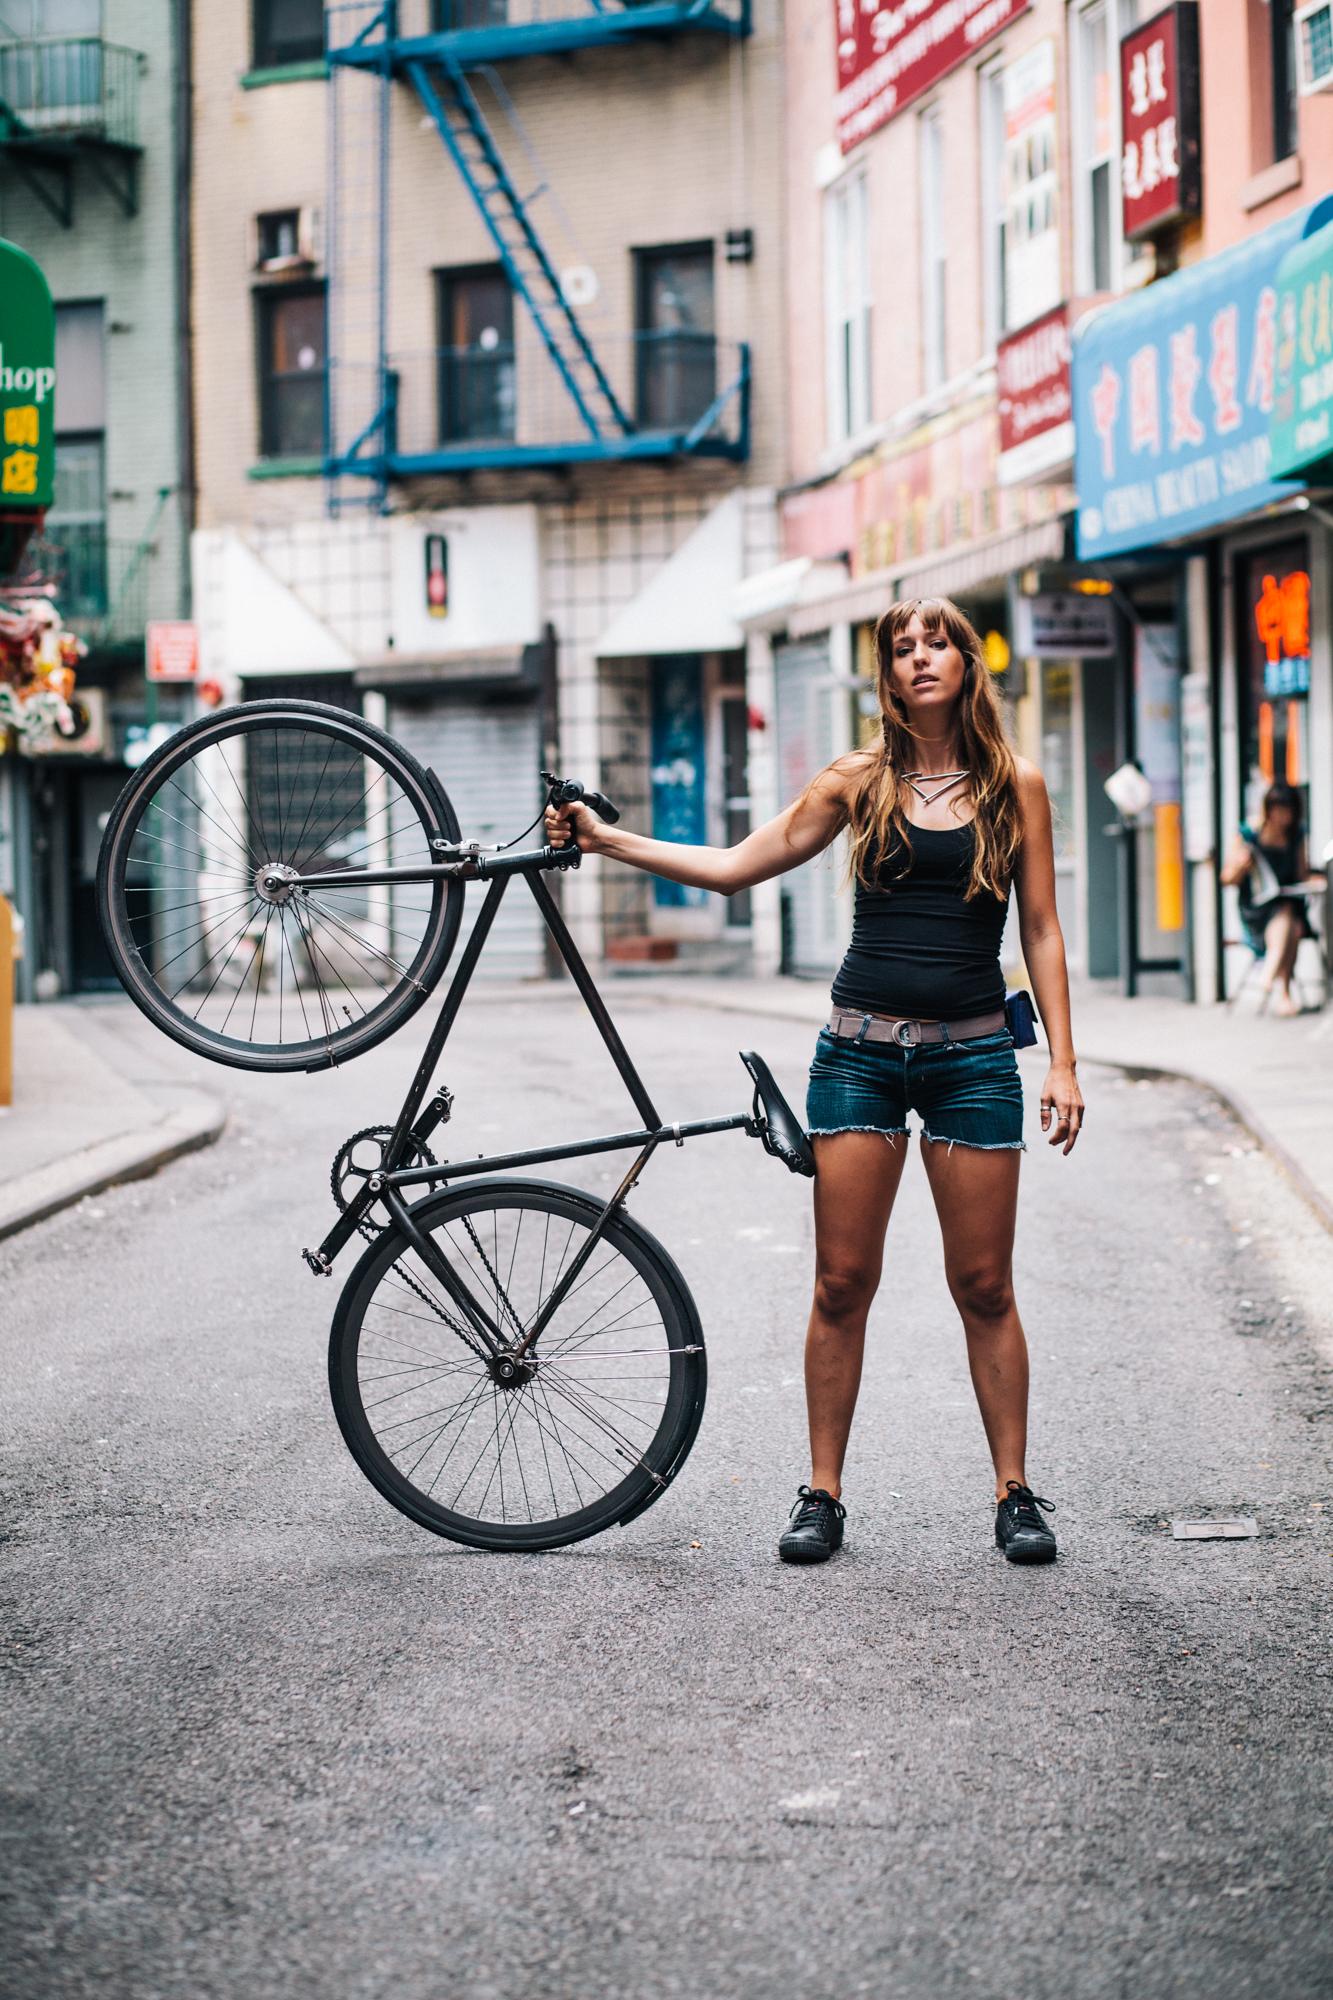 bikestyle-18.jpg